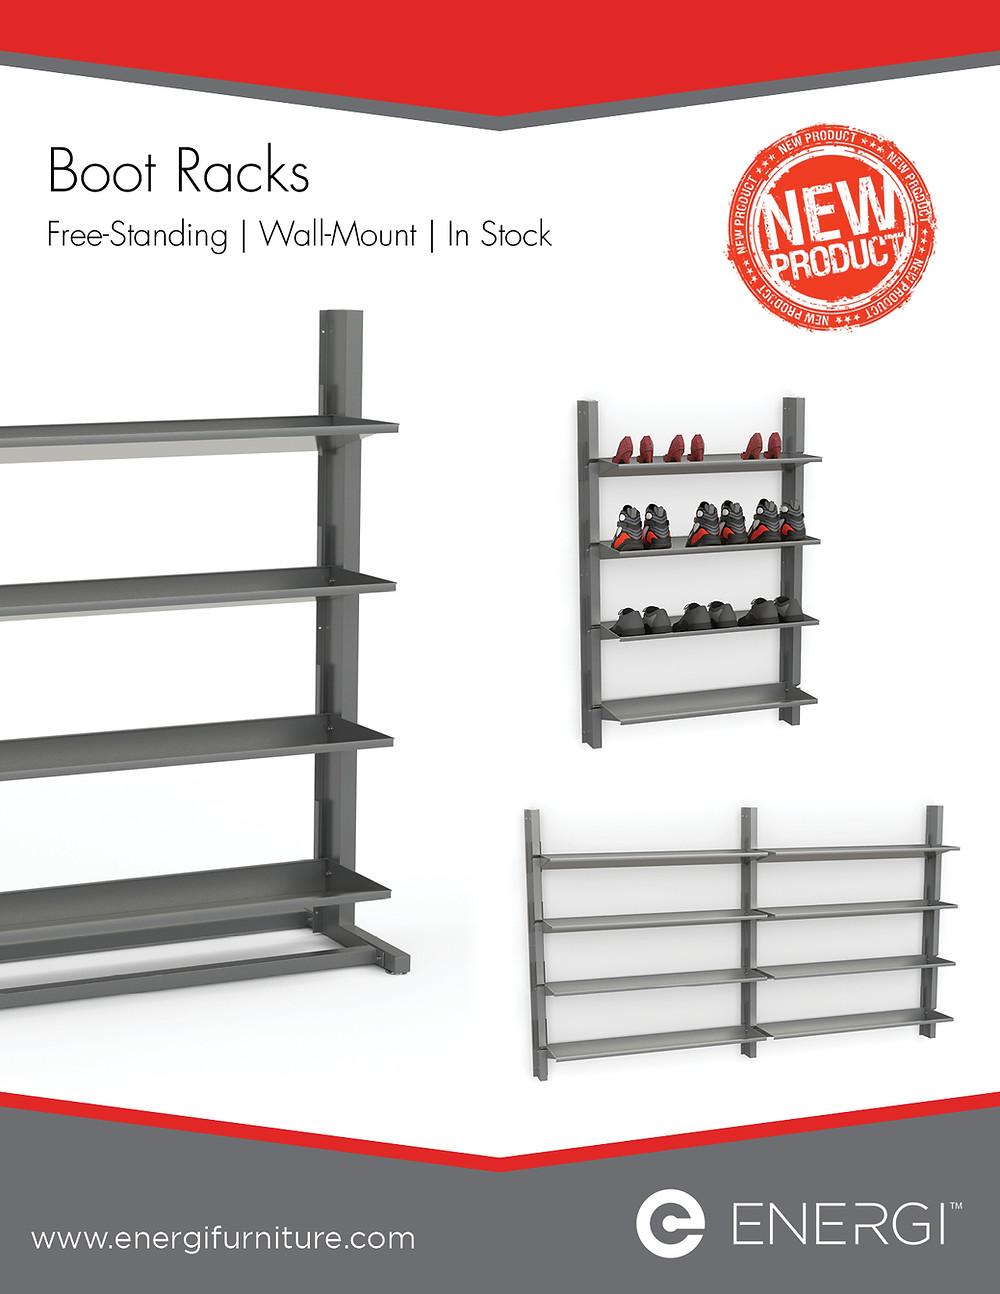 Freestanding Boot Racks & Wall-Mount Boot Racks